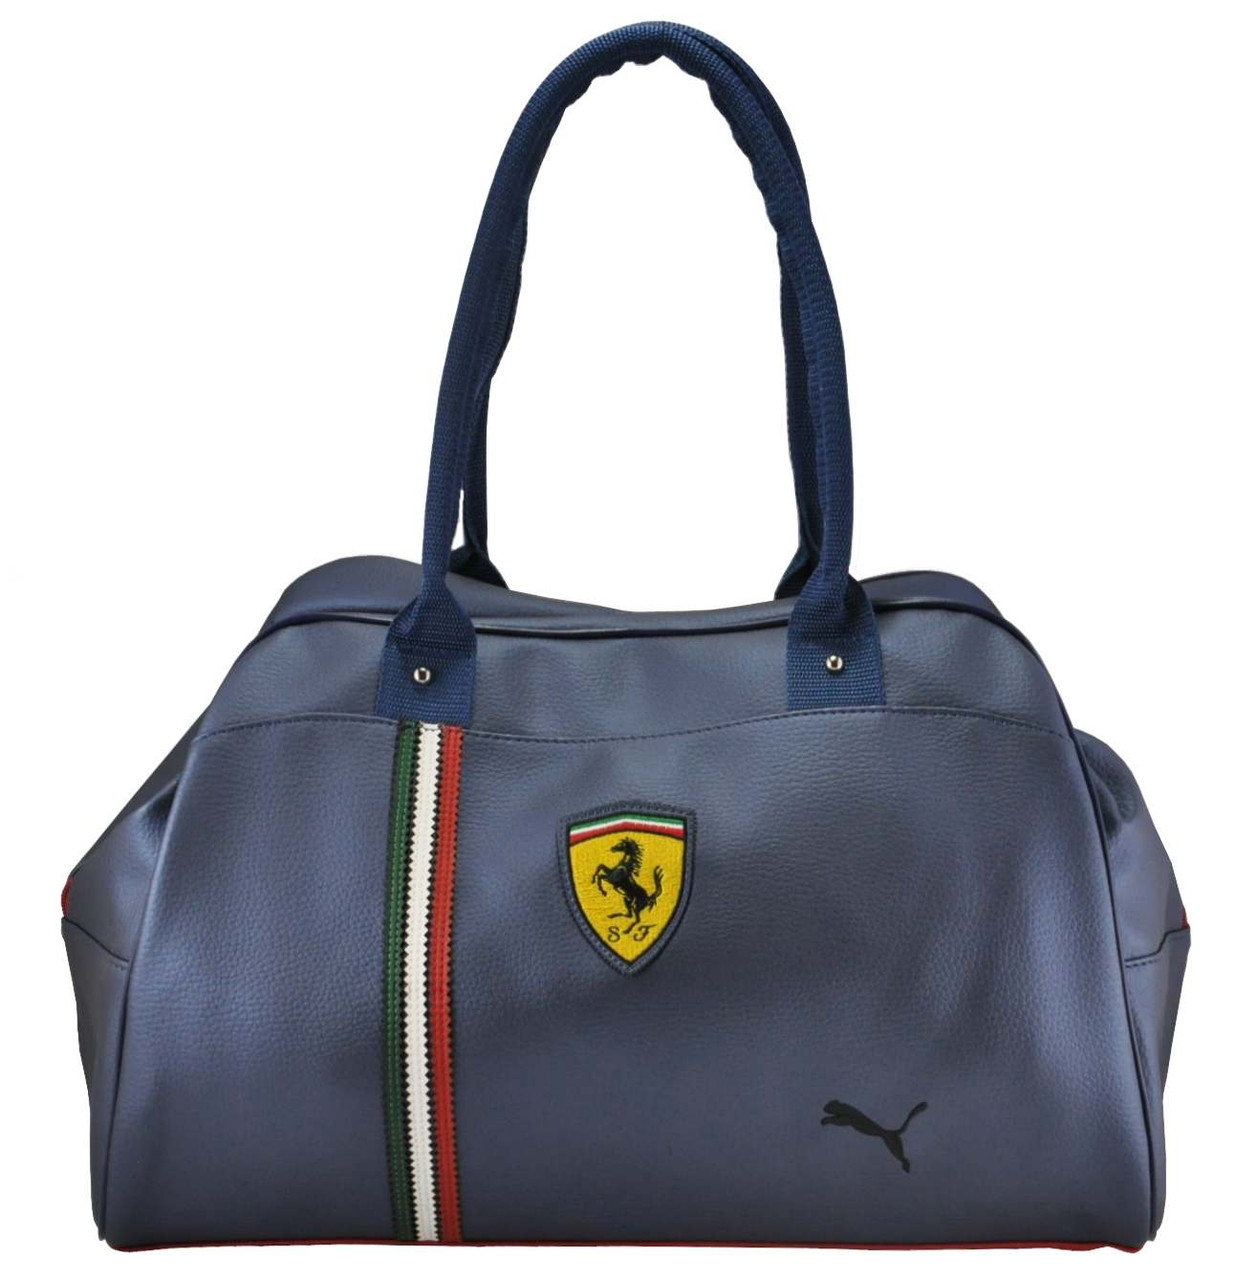 Спортивная сумка Puma Ferrari трансформер синяя реплика - Интернет магазин